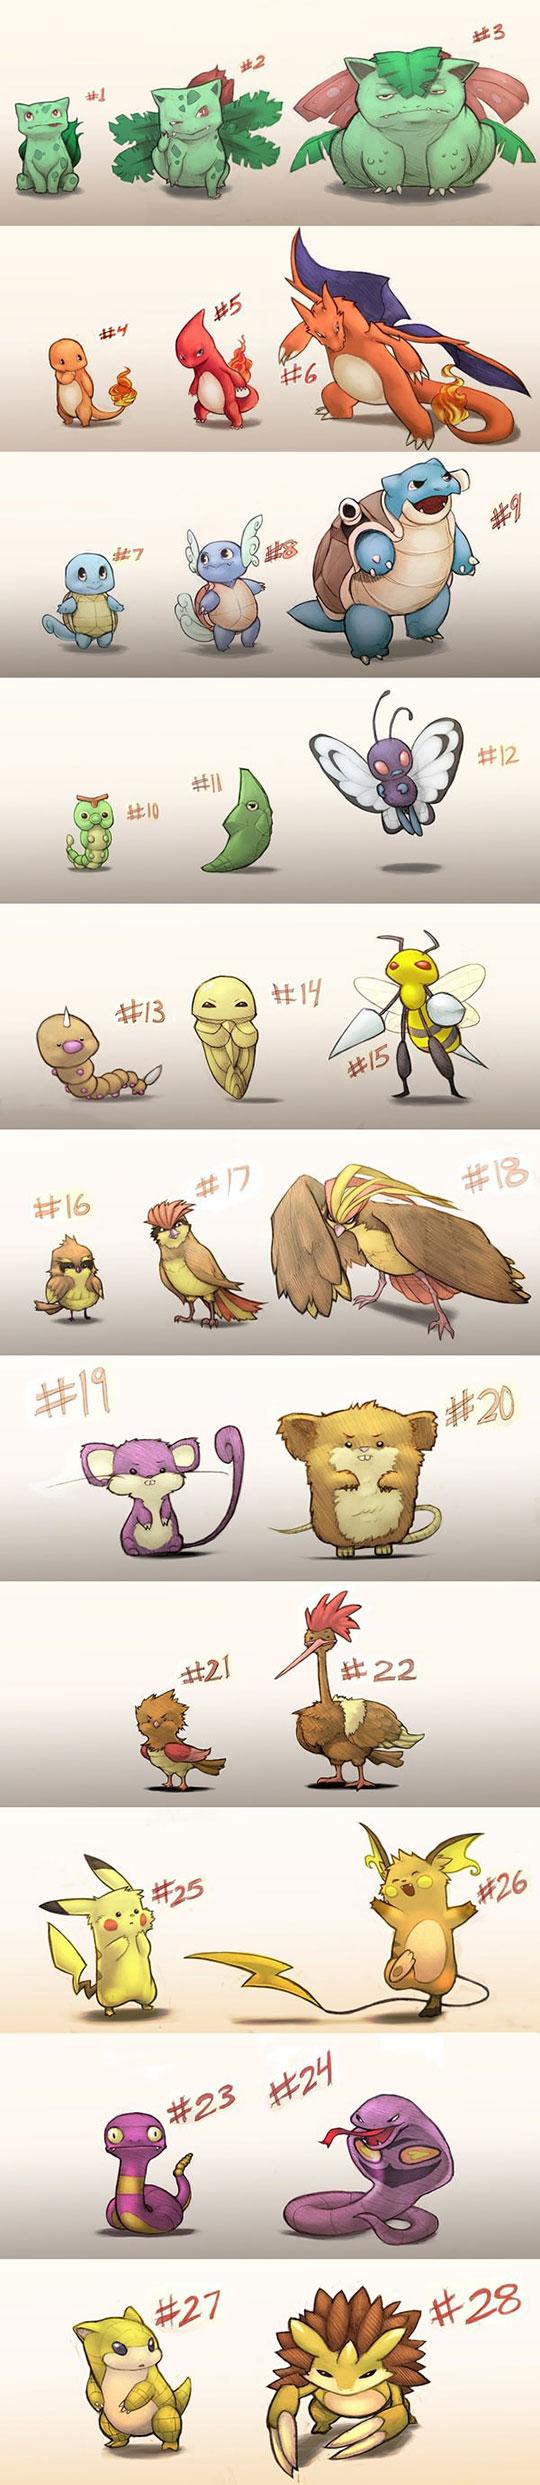 Pokémon Growing Up